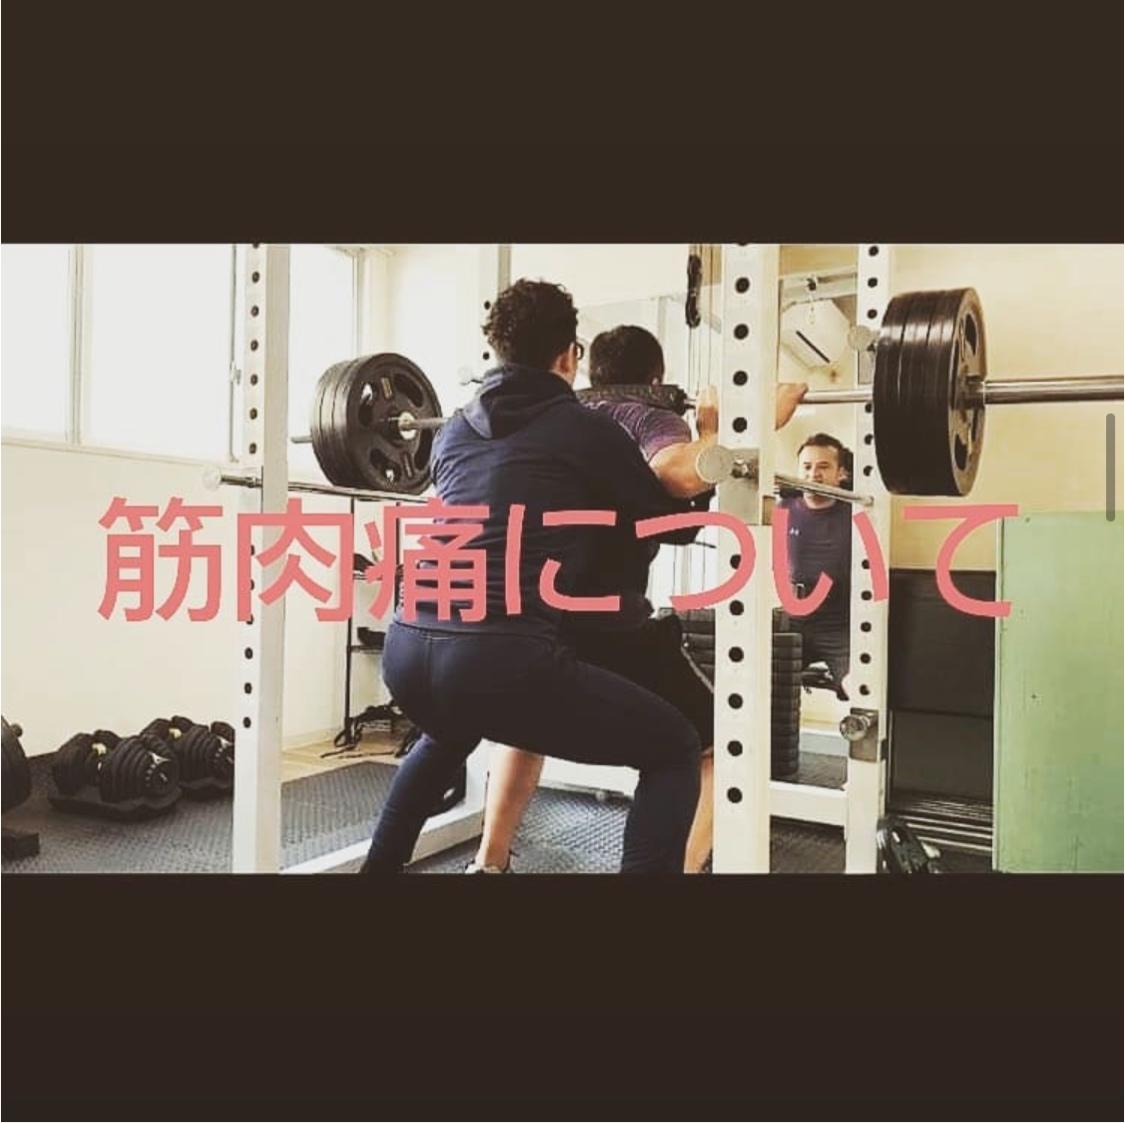 ブログ:筋肉痛